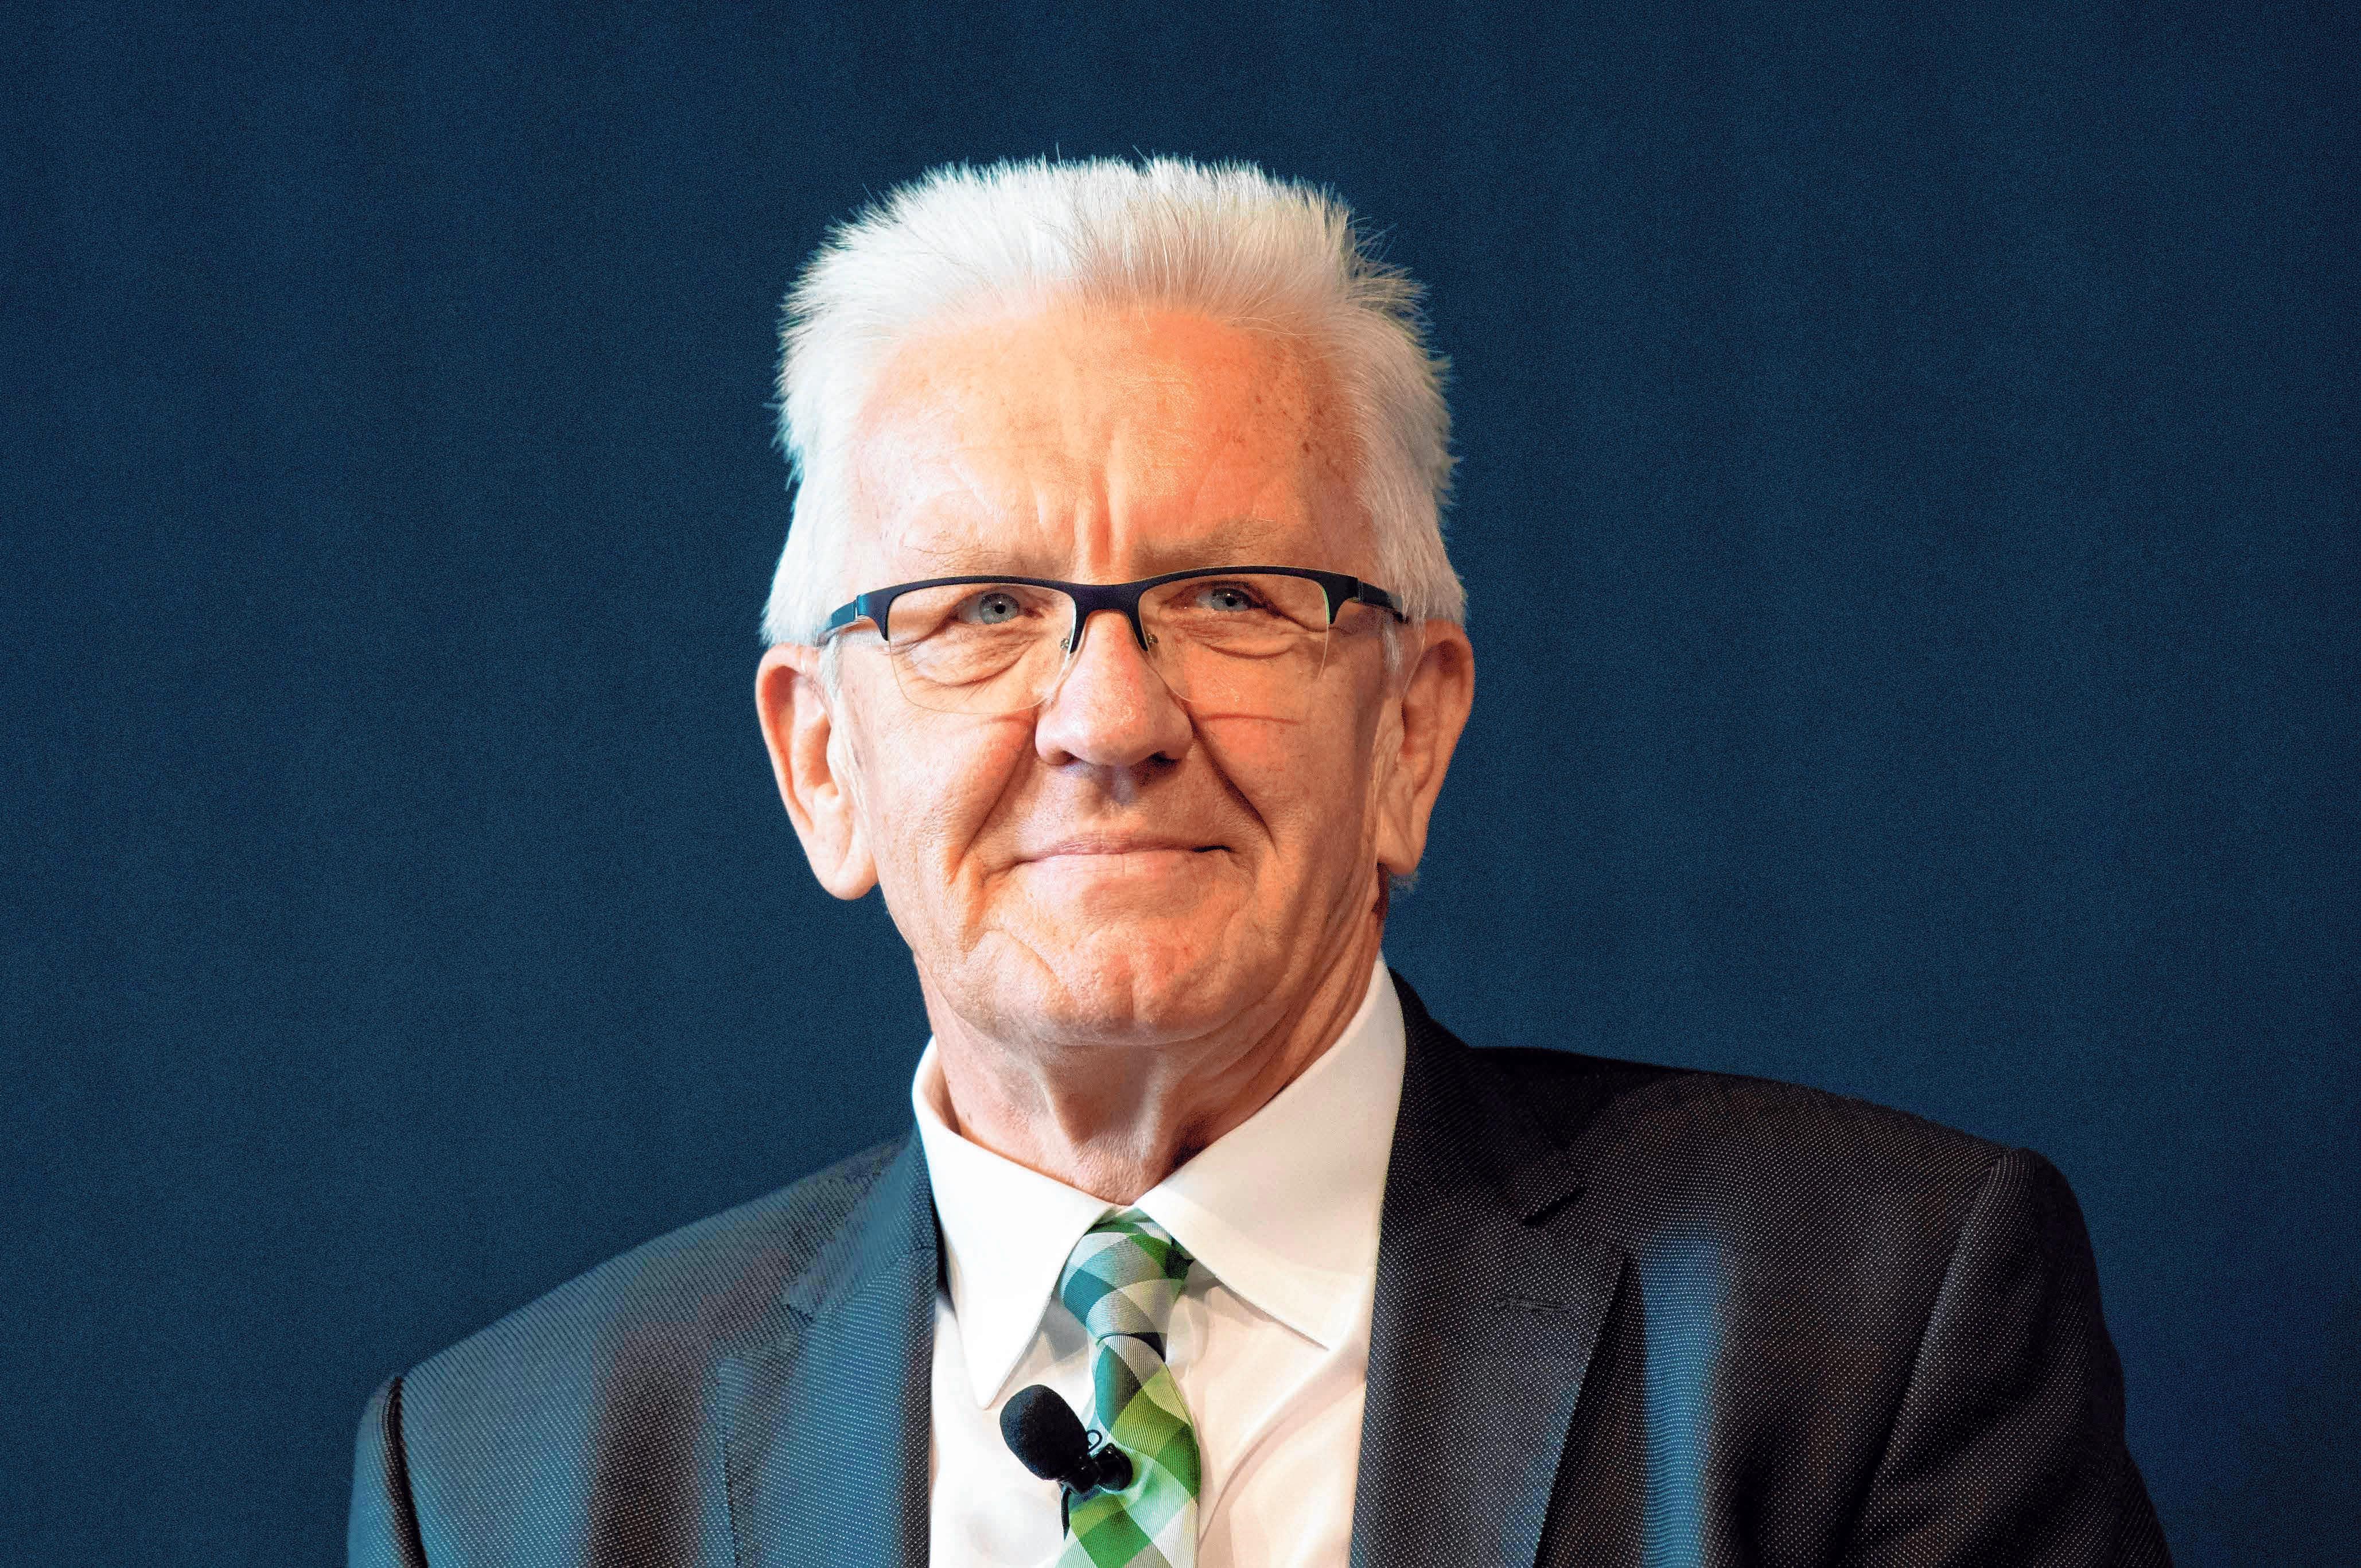 Ministerpräsident Winfried Kretschmann. FOTO: T. KIENZLE